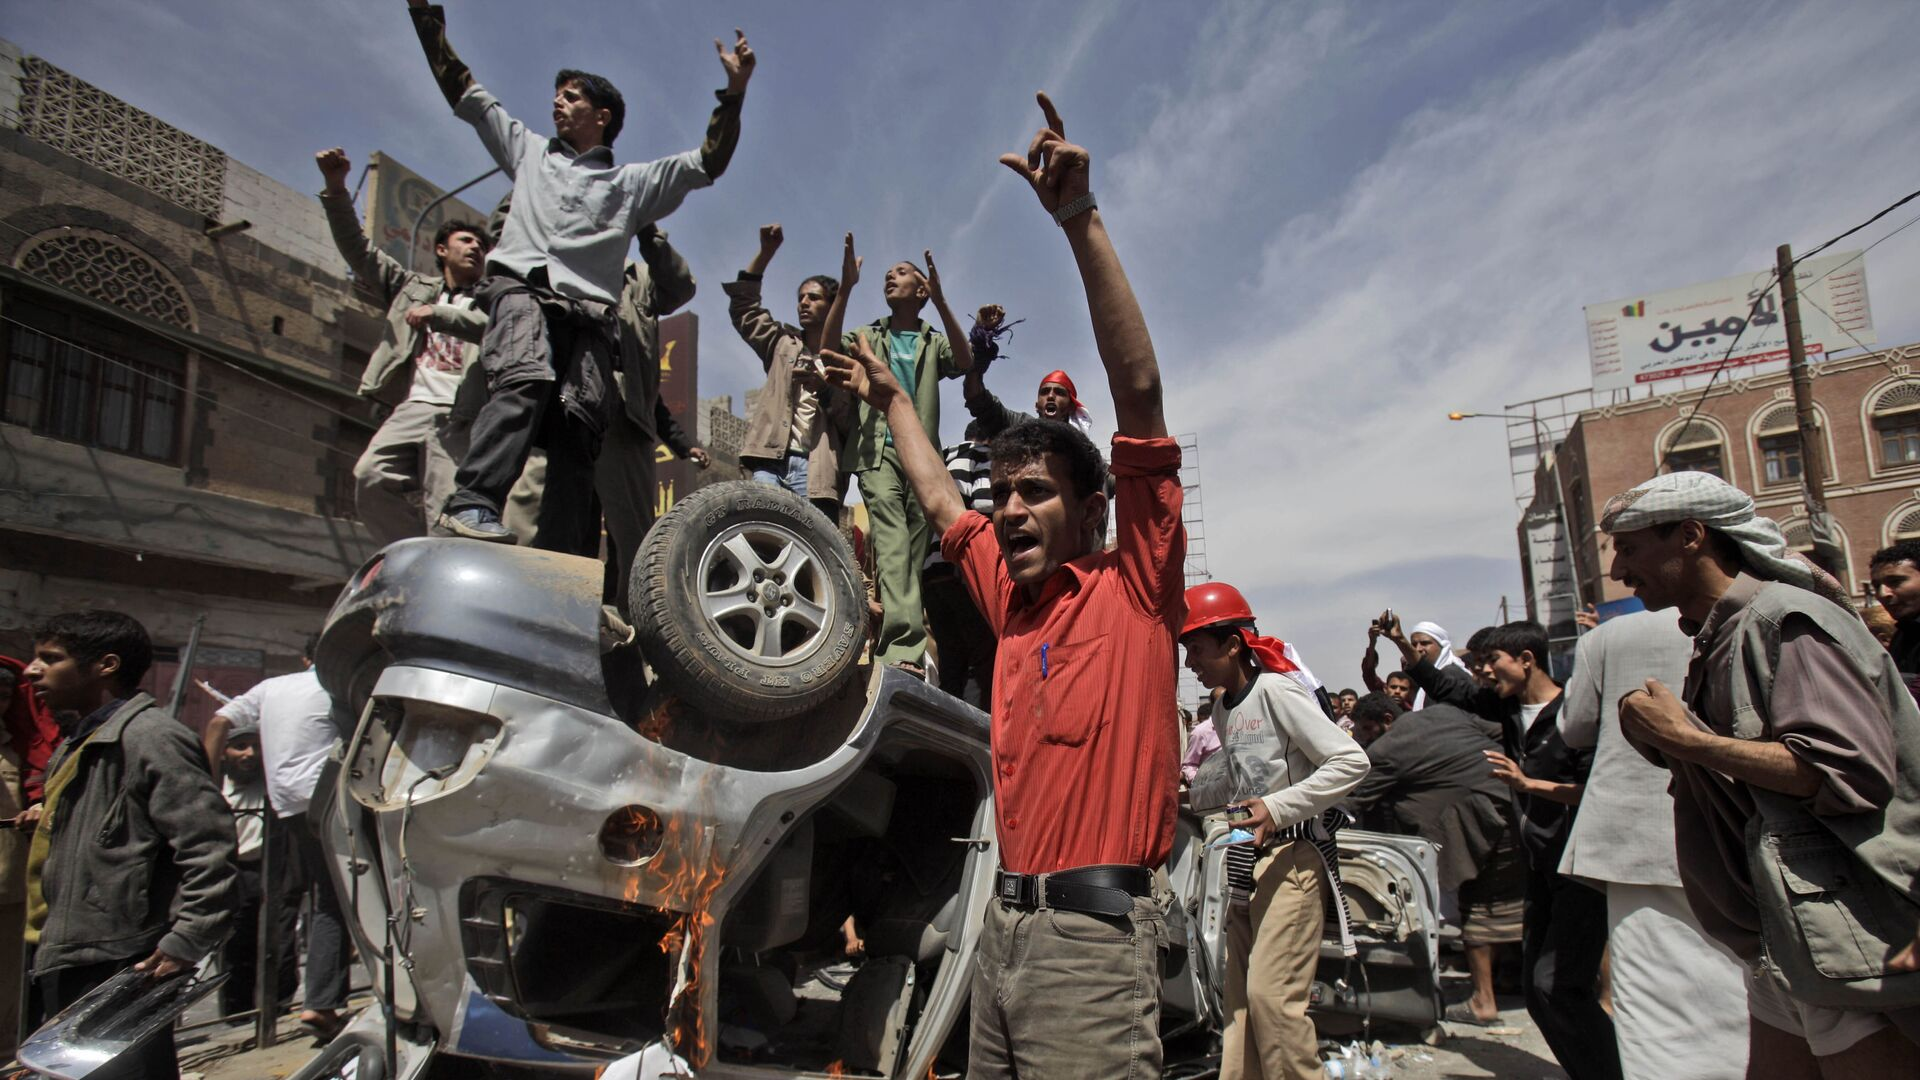 Protestas en Yemen en 2011 - Sputnik Mundo, 1920, 20.01.2021